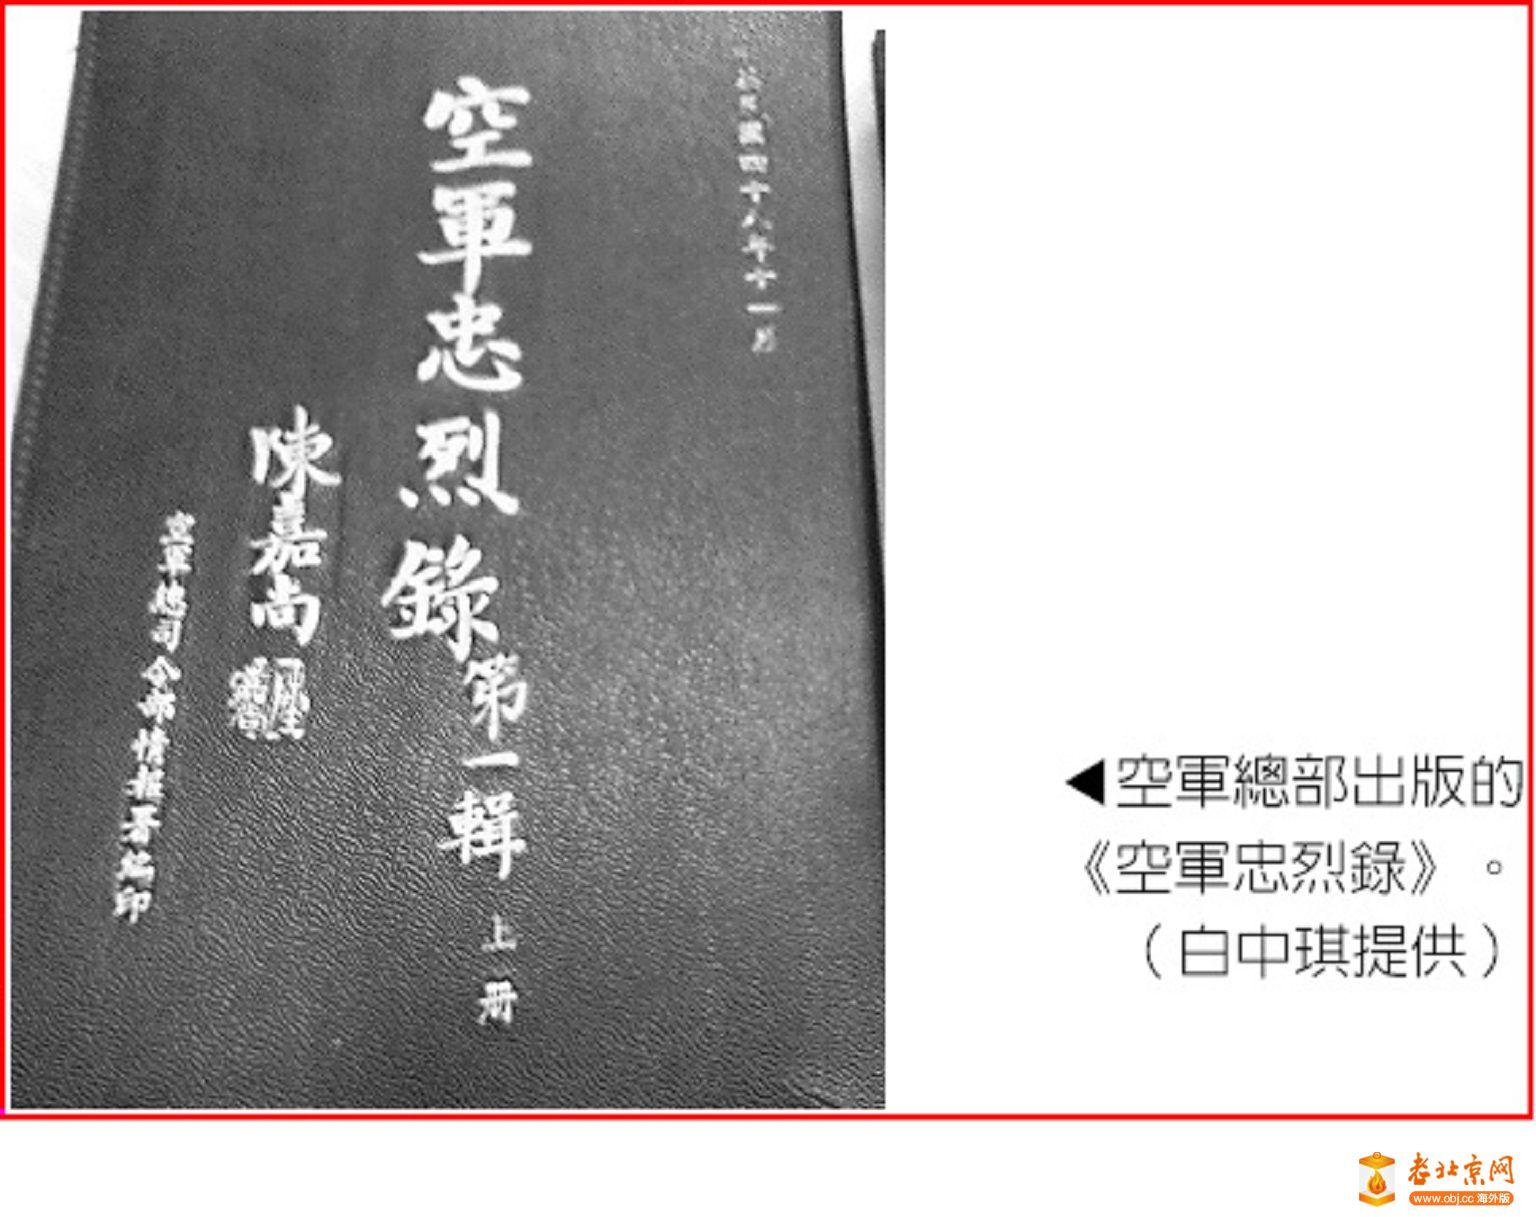 正义复位 记重庆汪山空军英烈  国军忠烈武德典范(之七)